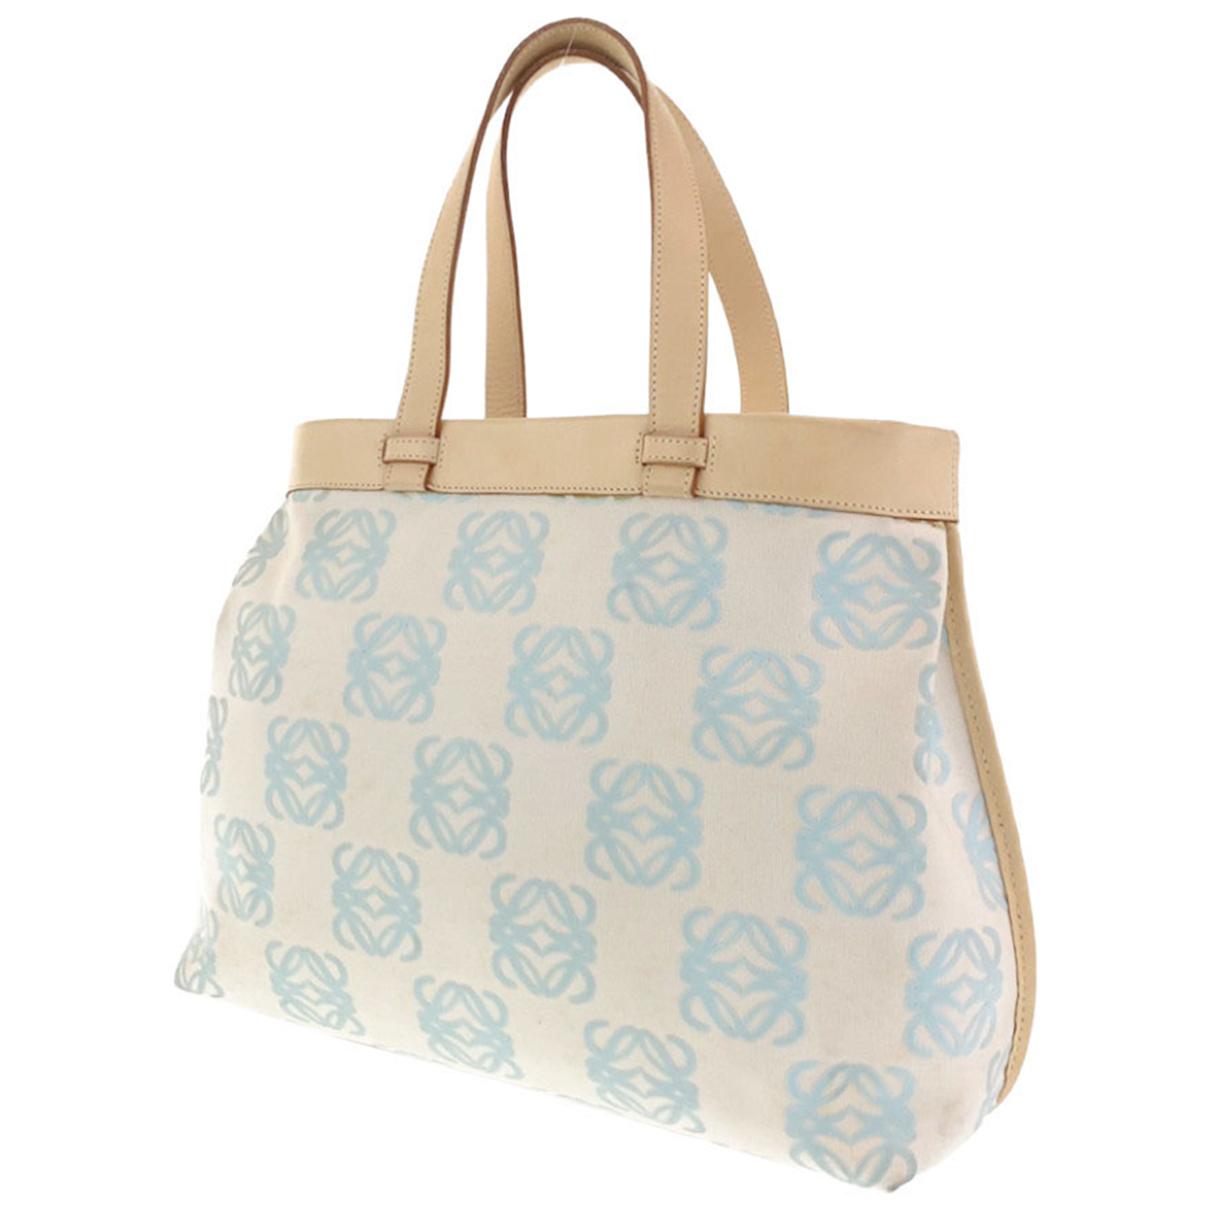 Loewe N Cloth handbag for Women N